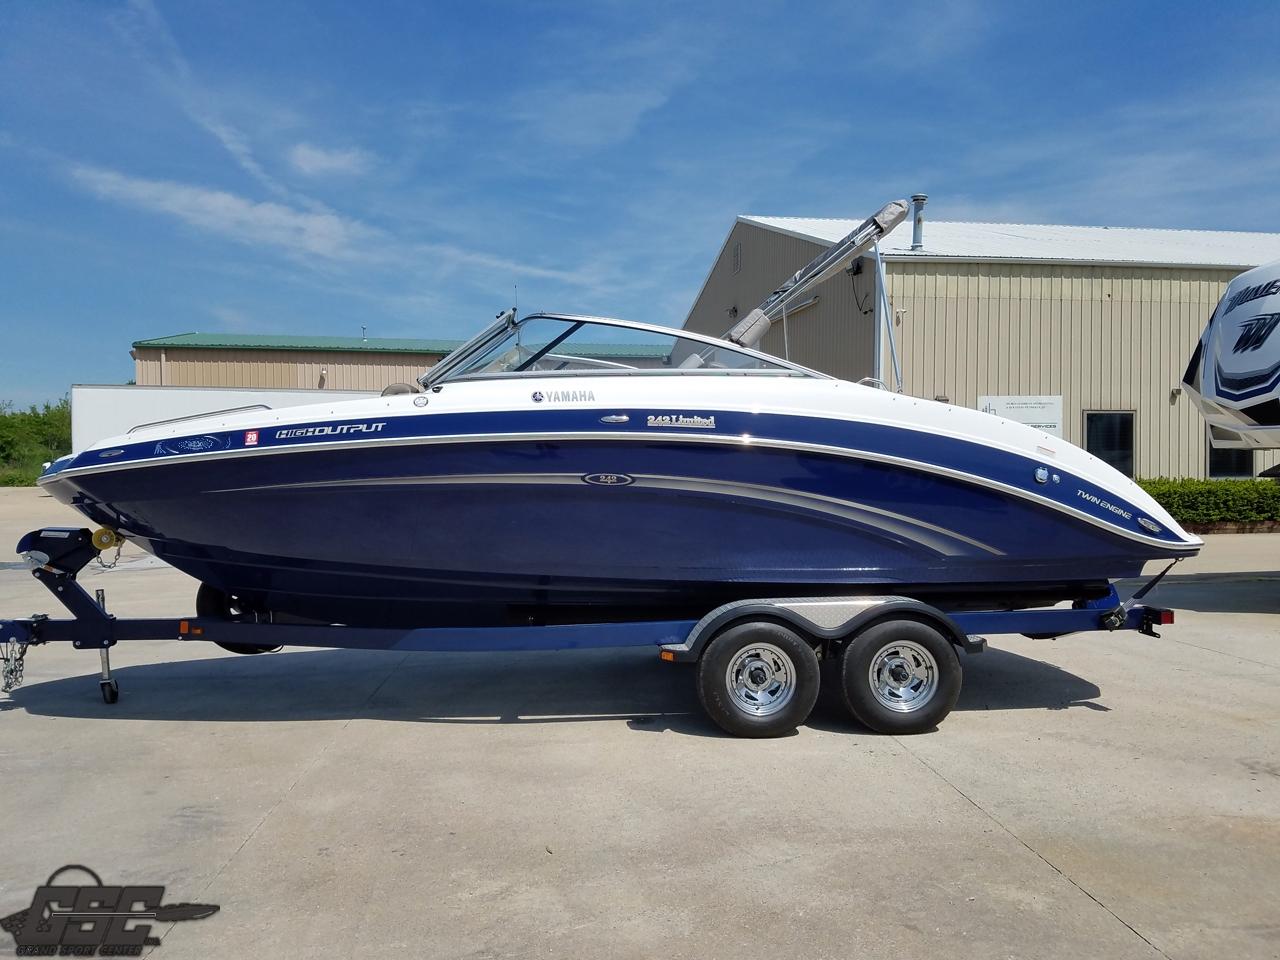 2013 Yamaha 242 Limited Jet Boat